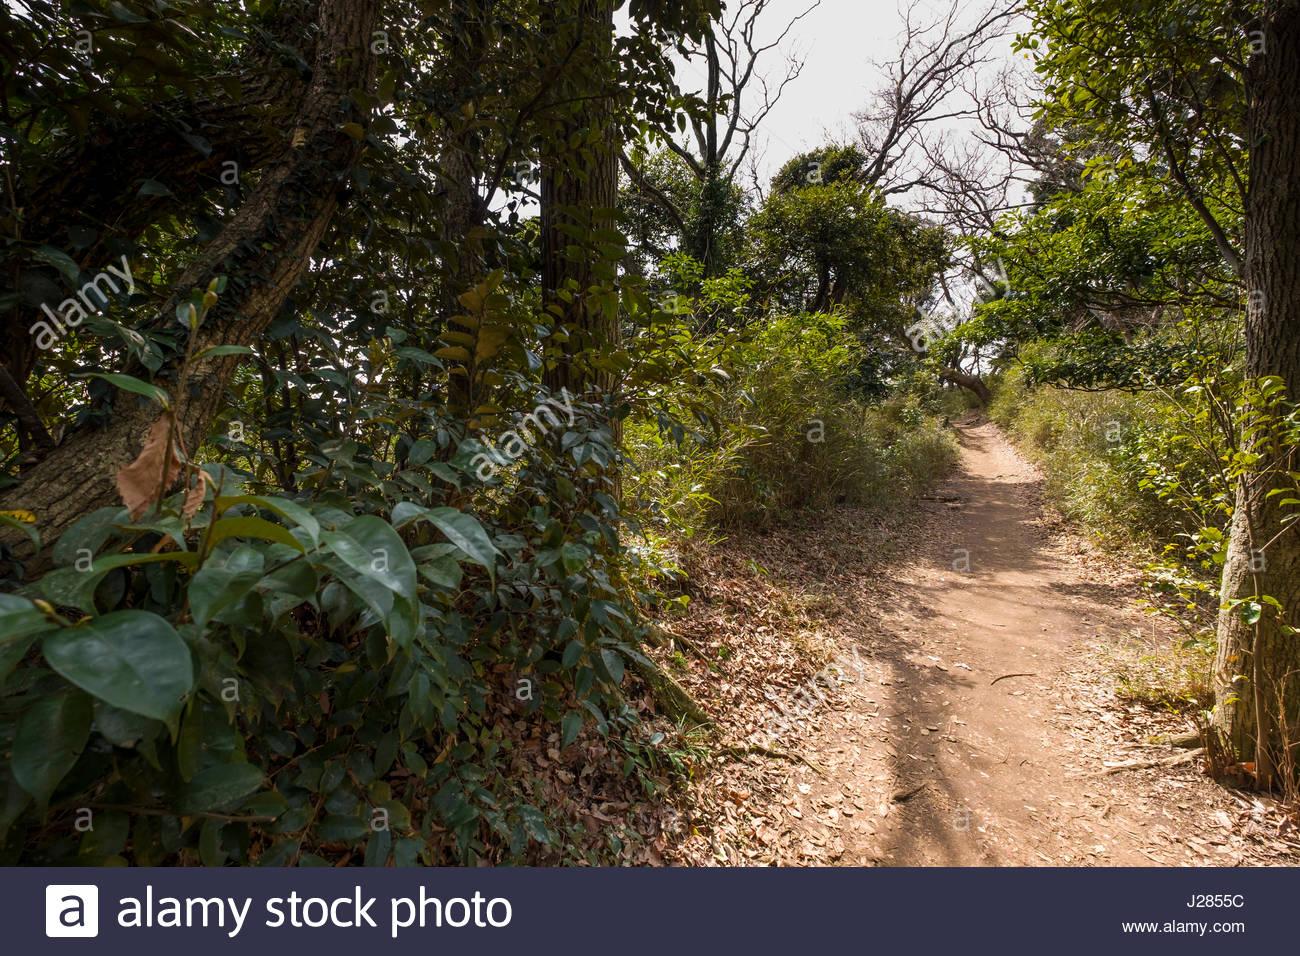 Kuzuharaoka-Daibutsu Hiking Course, Kamakura, Kanagawa Prefecture, Honshu, Japan - Stock Image